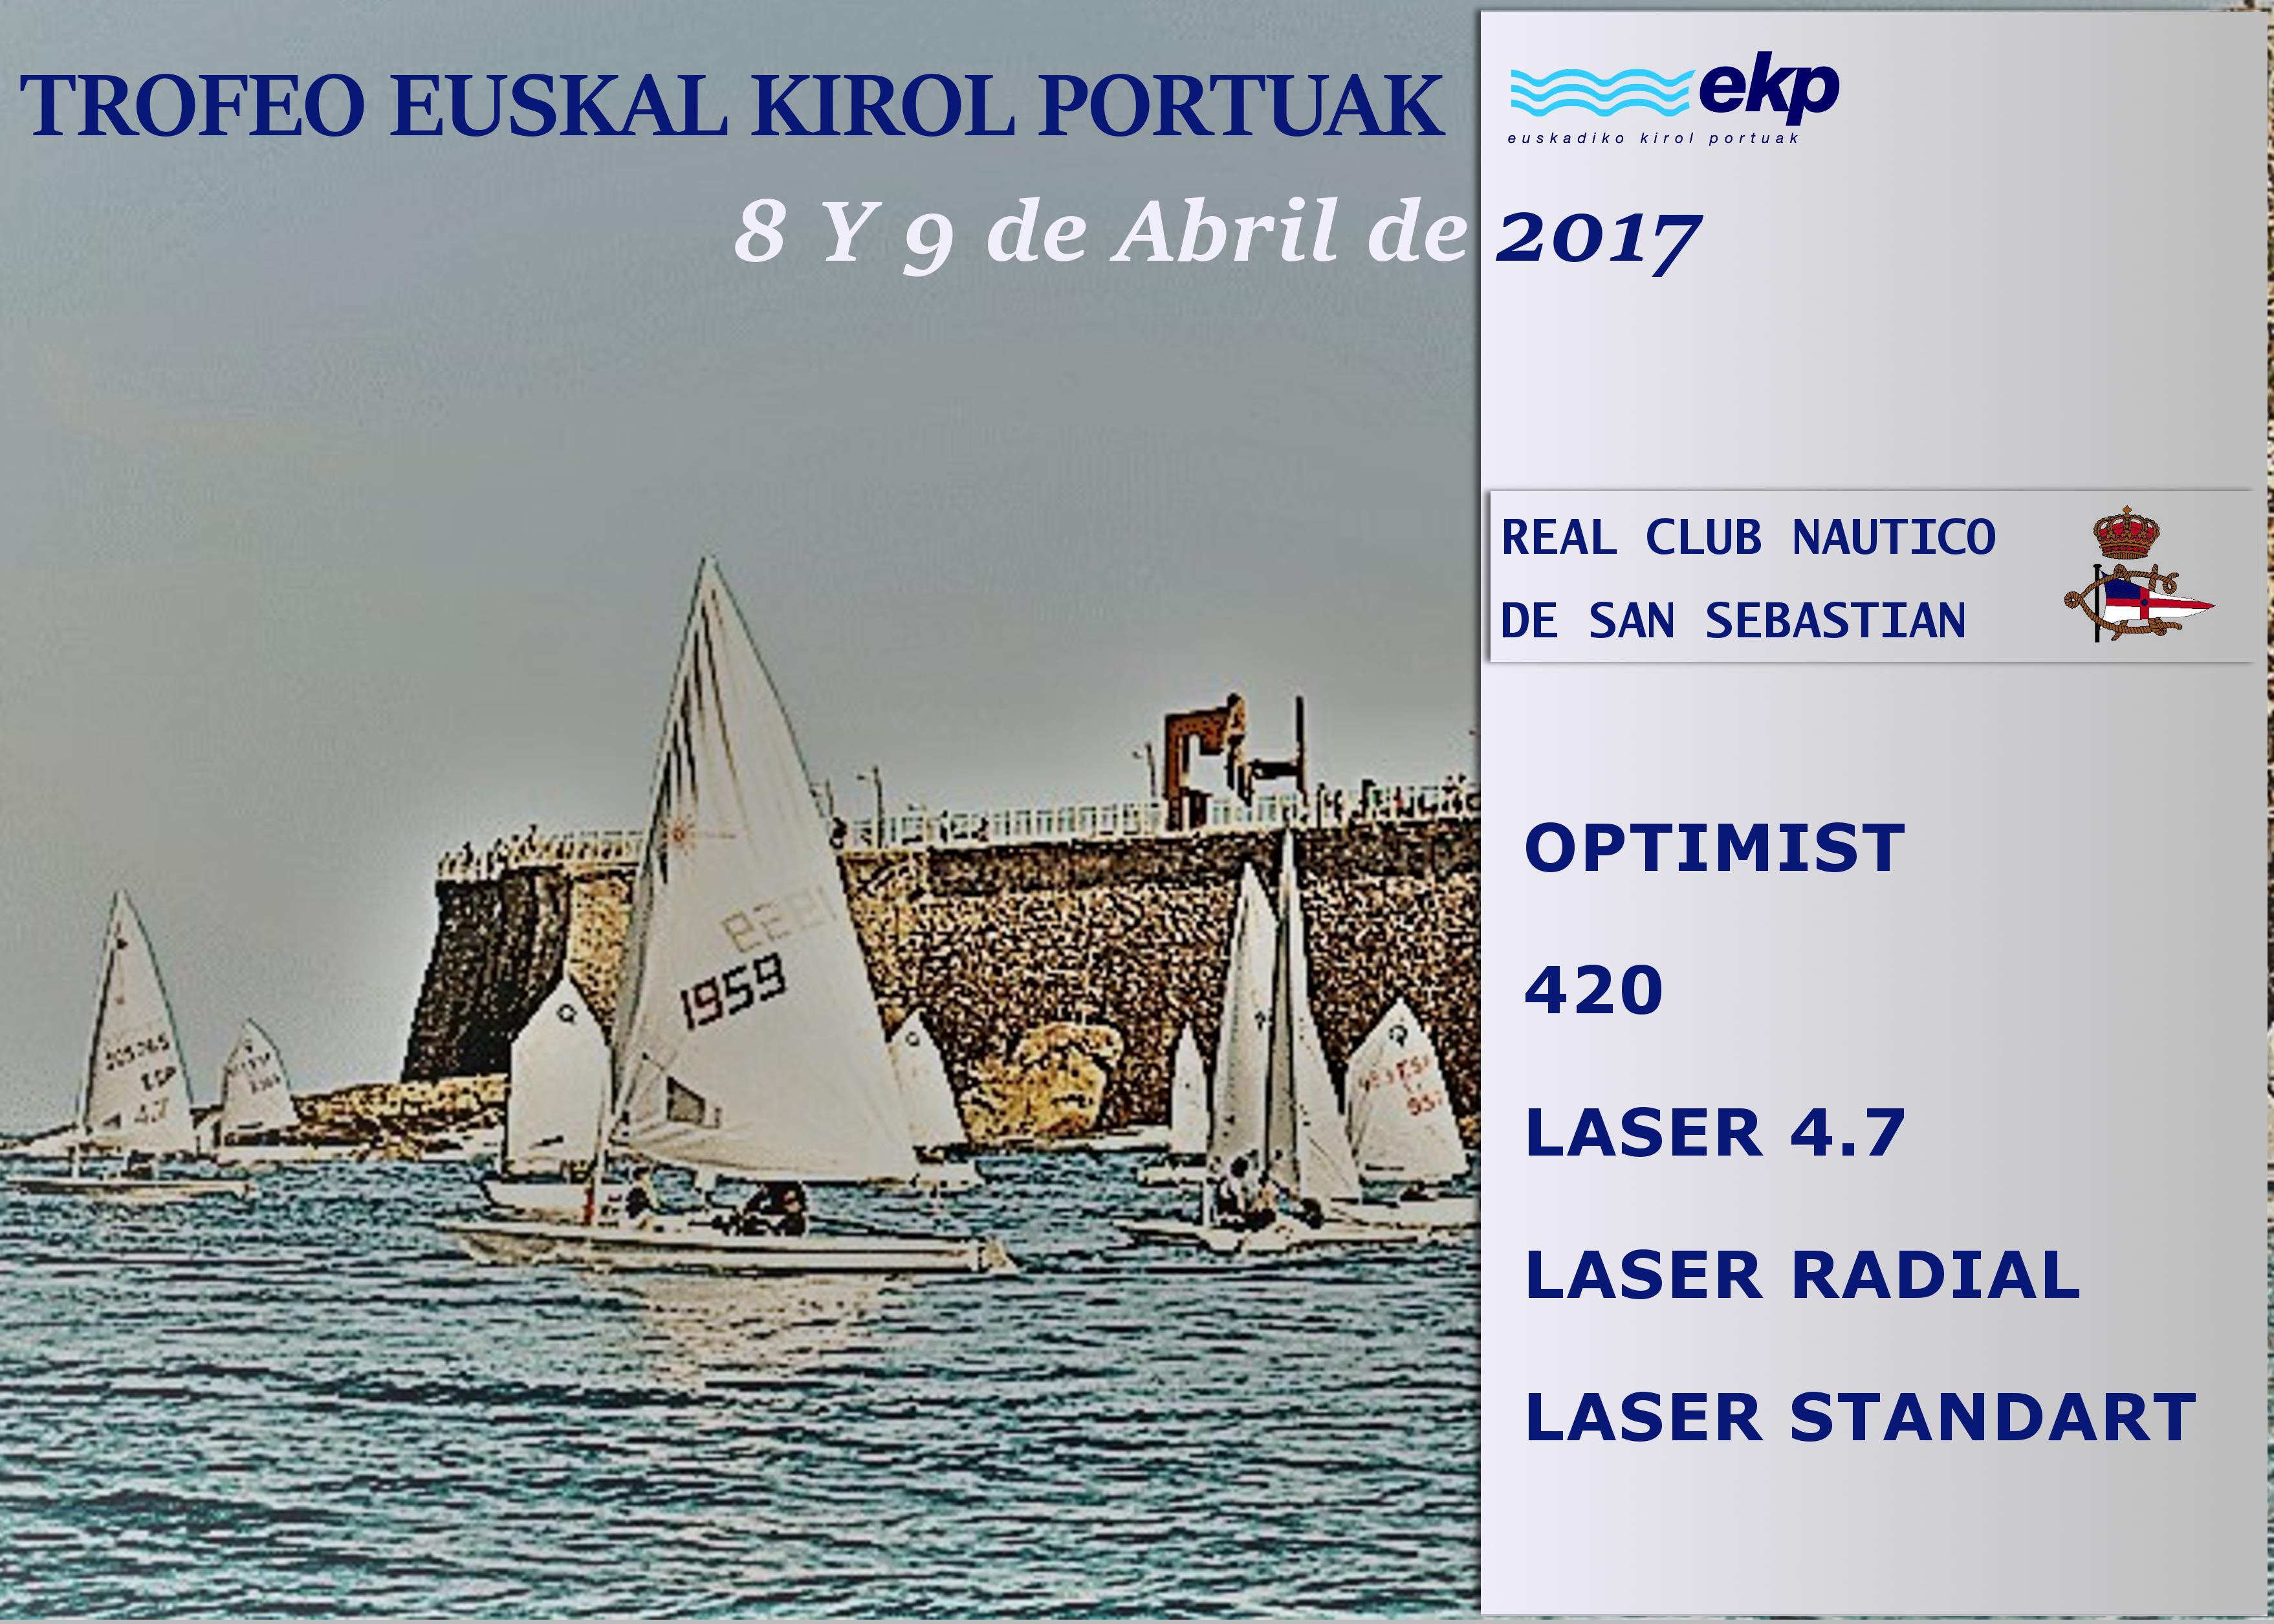 TROFEO EUSKAL KIROL PORTUA CLASIFICACIONES